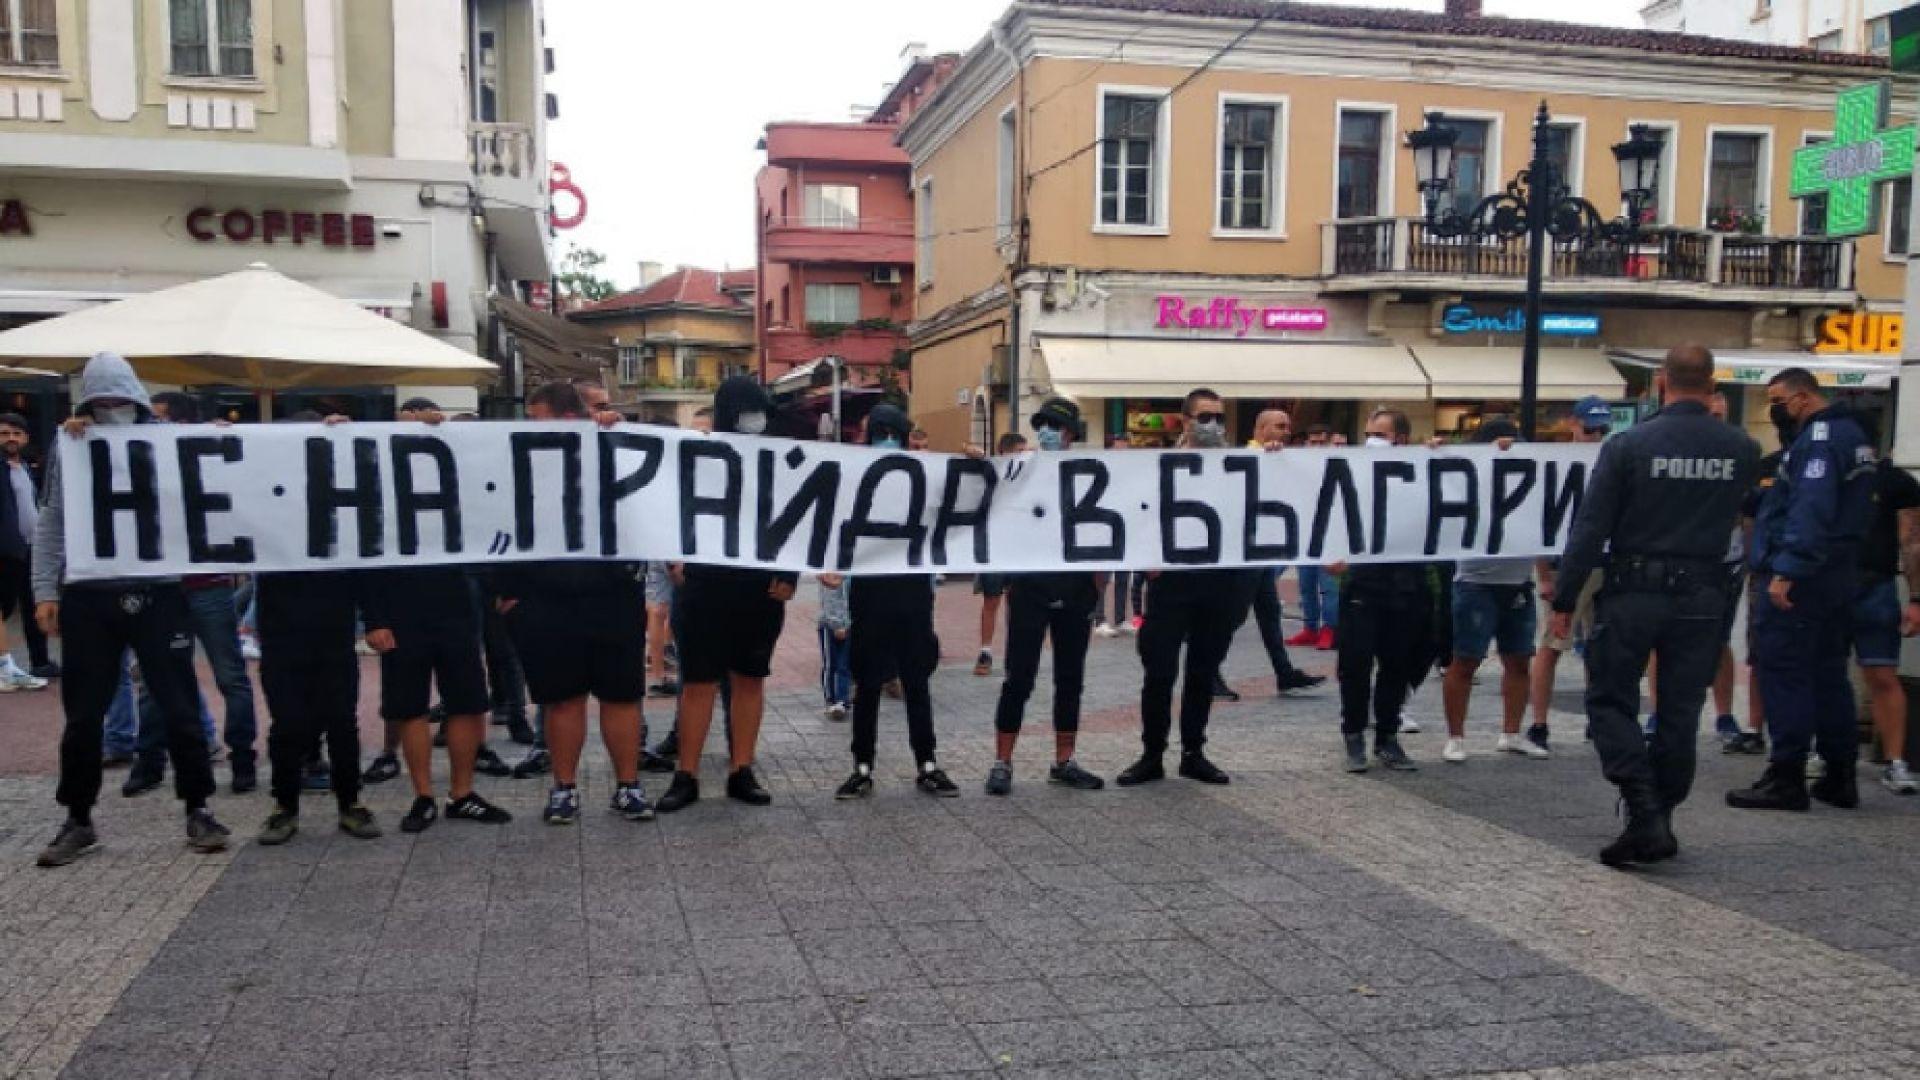 Напрежение между ултраси и активисти на шествие срещу хомофобията